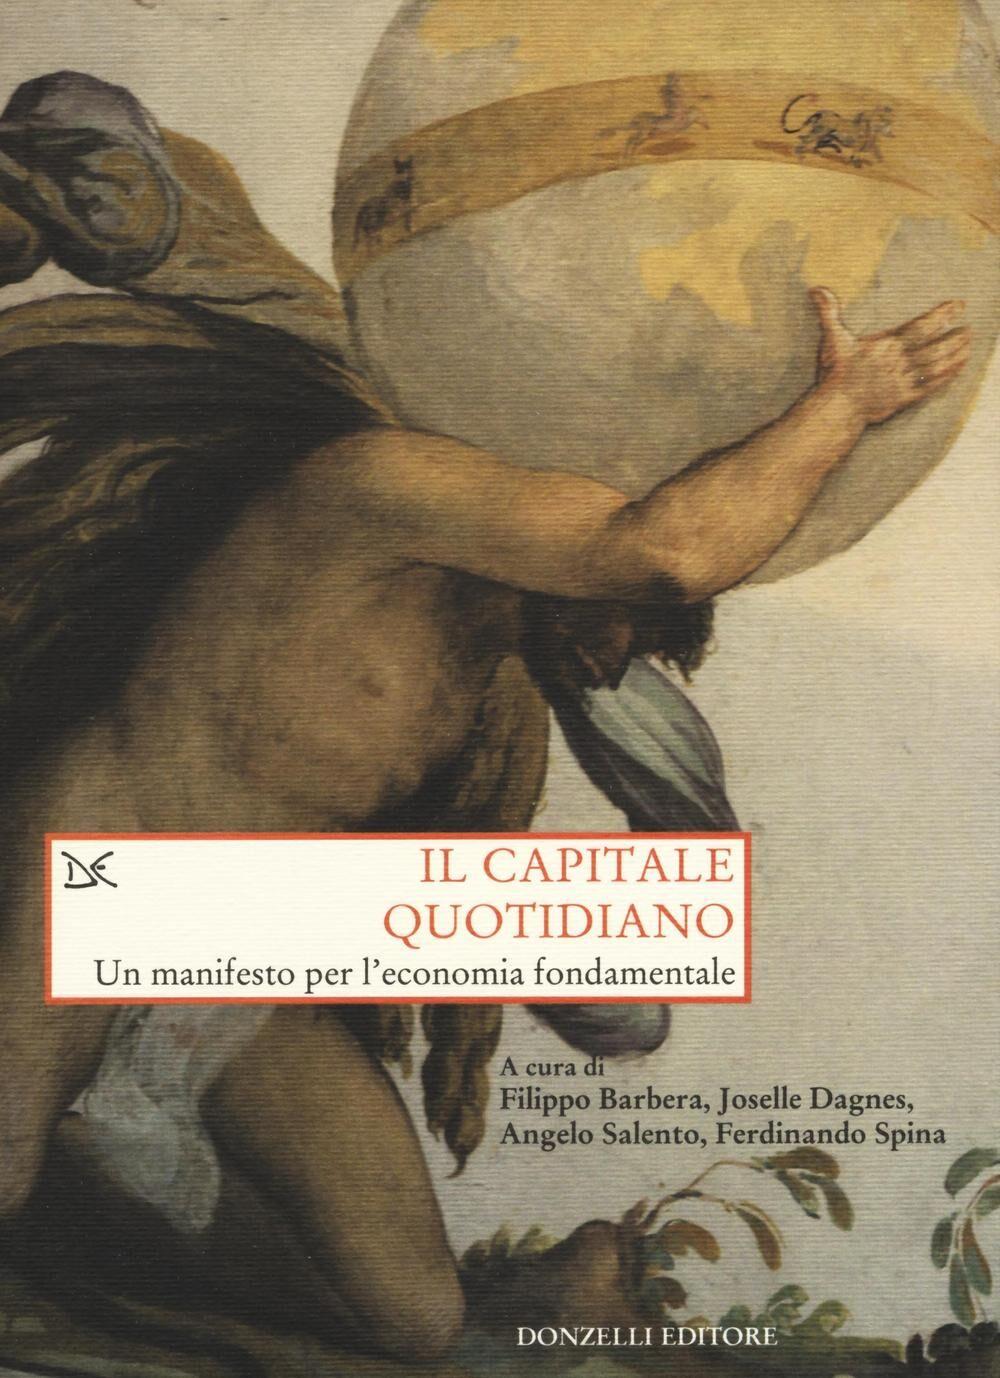 Il capitale quotidiano. Un manifesto per l'economia fondamentale